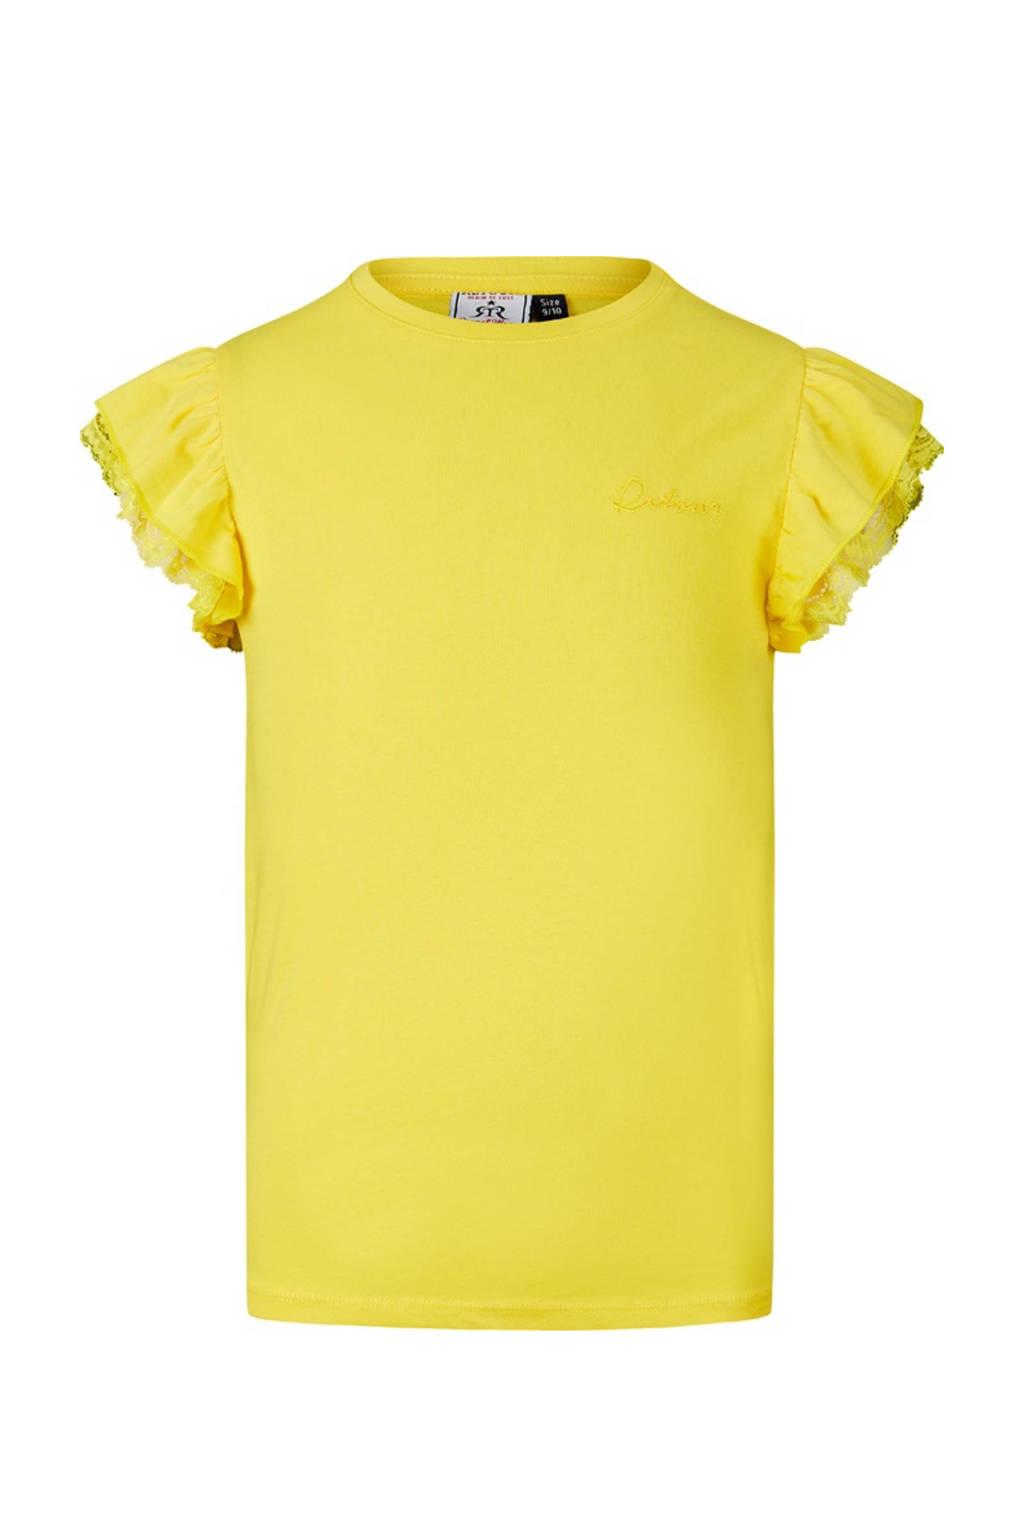 Retour Denim top Hanna met kant geel, Geel